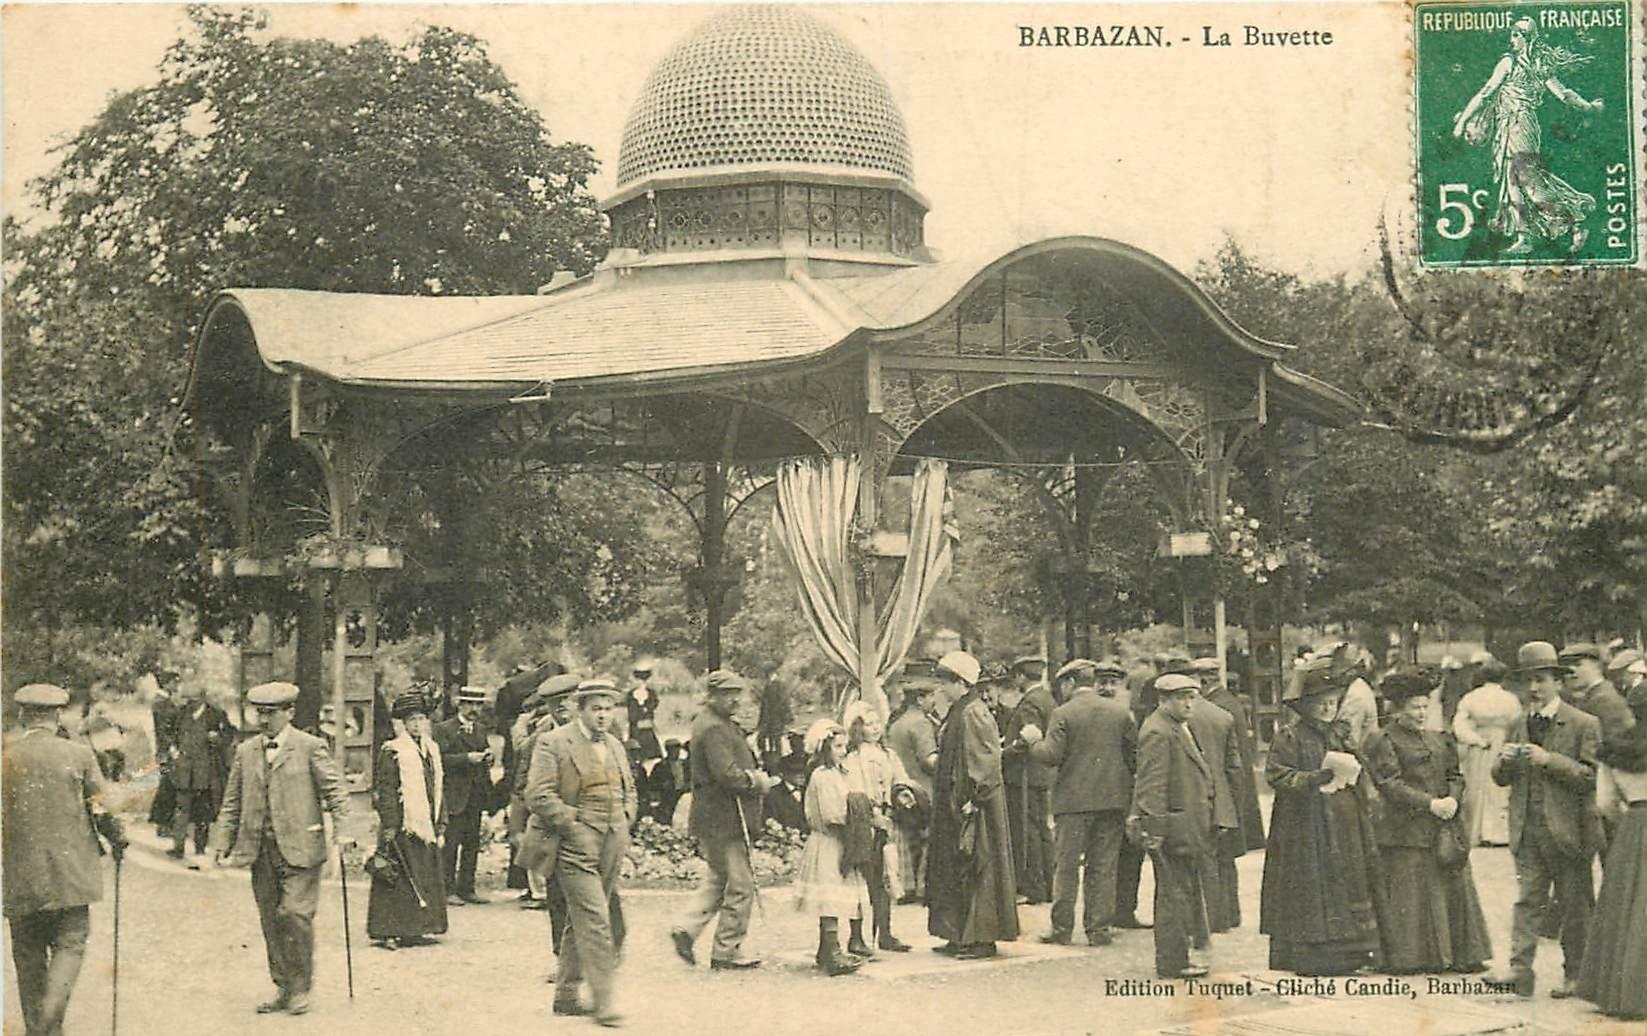 31 BARBAZAN. La Buvette vers 1910